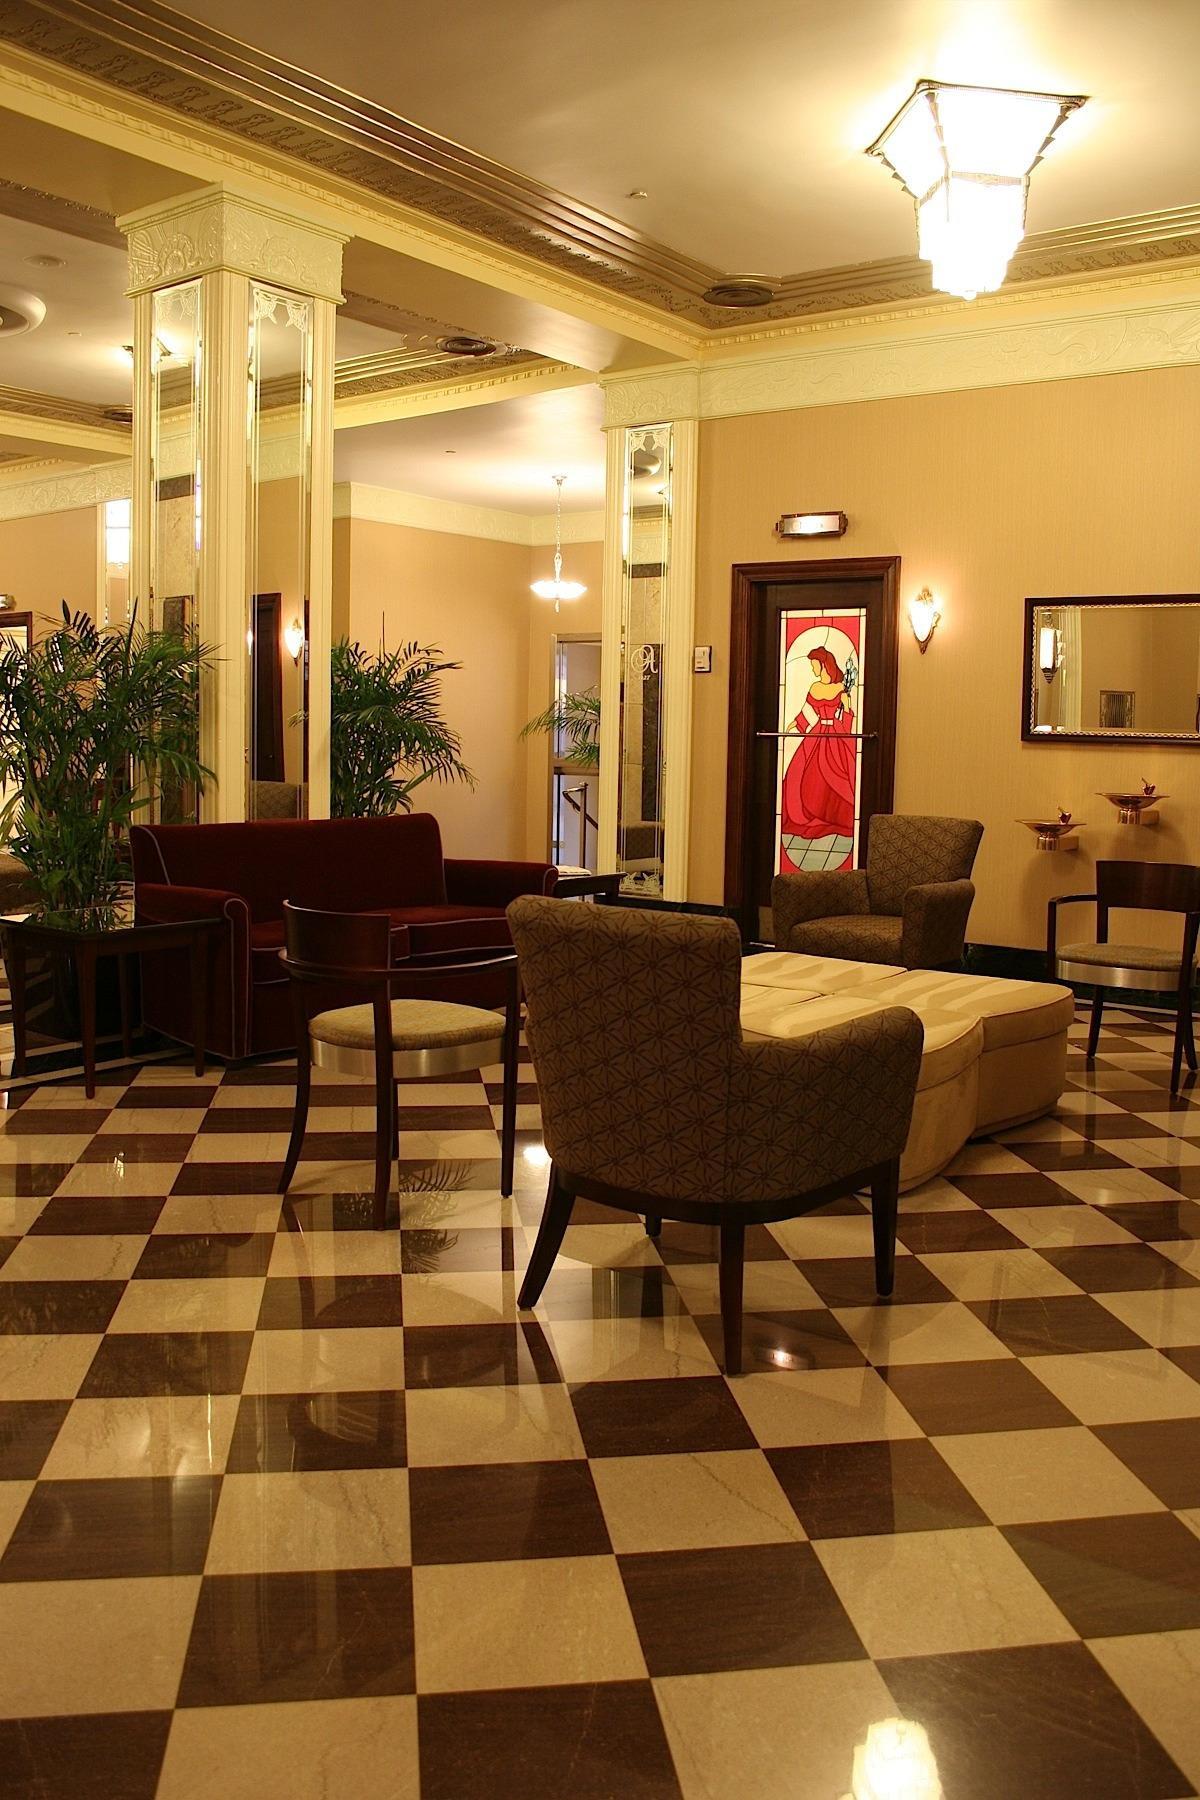 Ambassador Hotel Milwuakee image 1